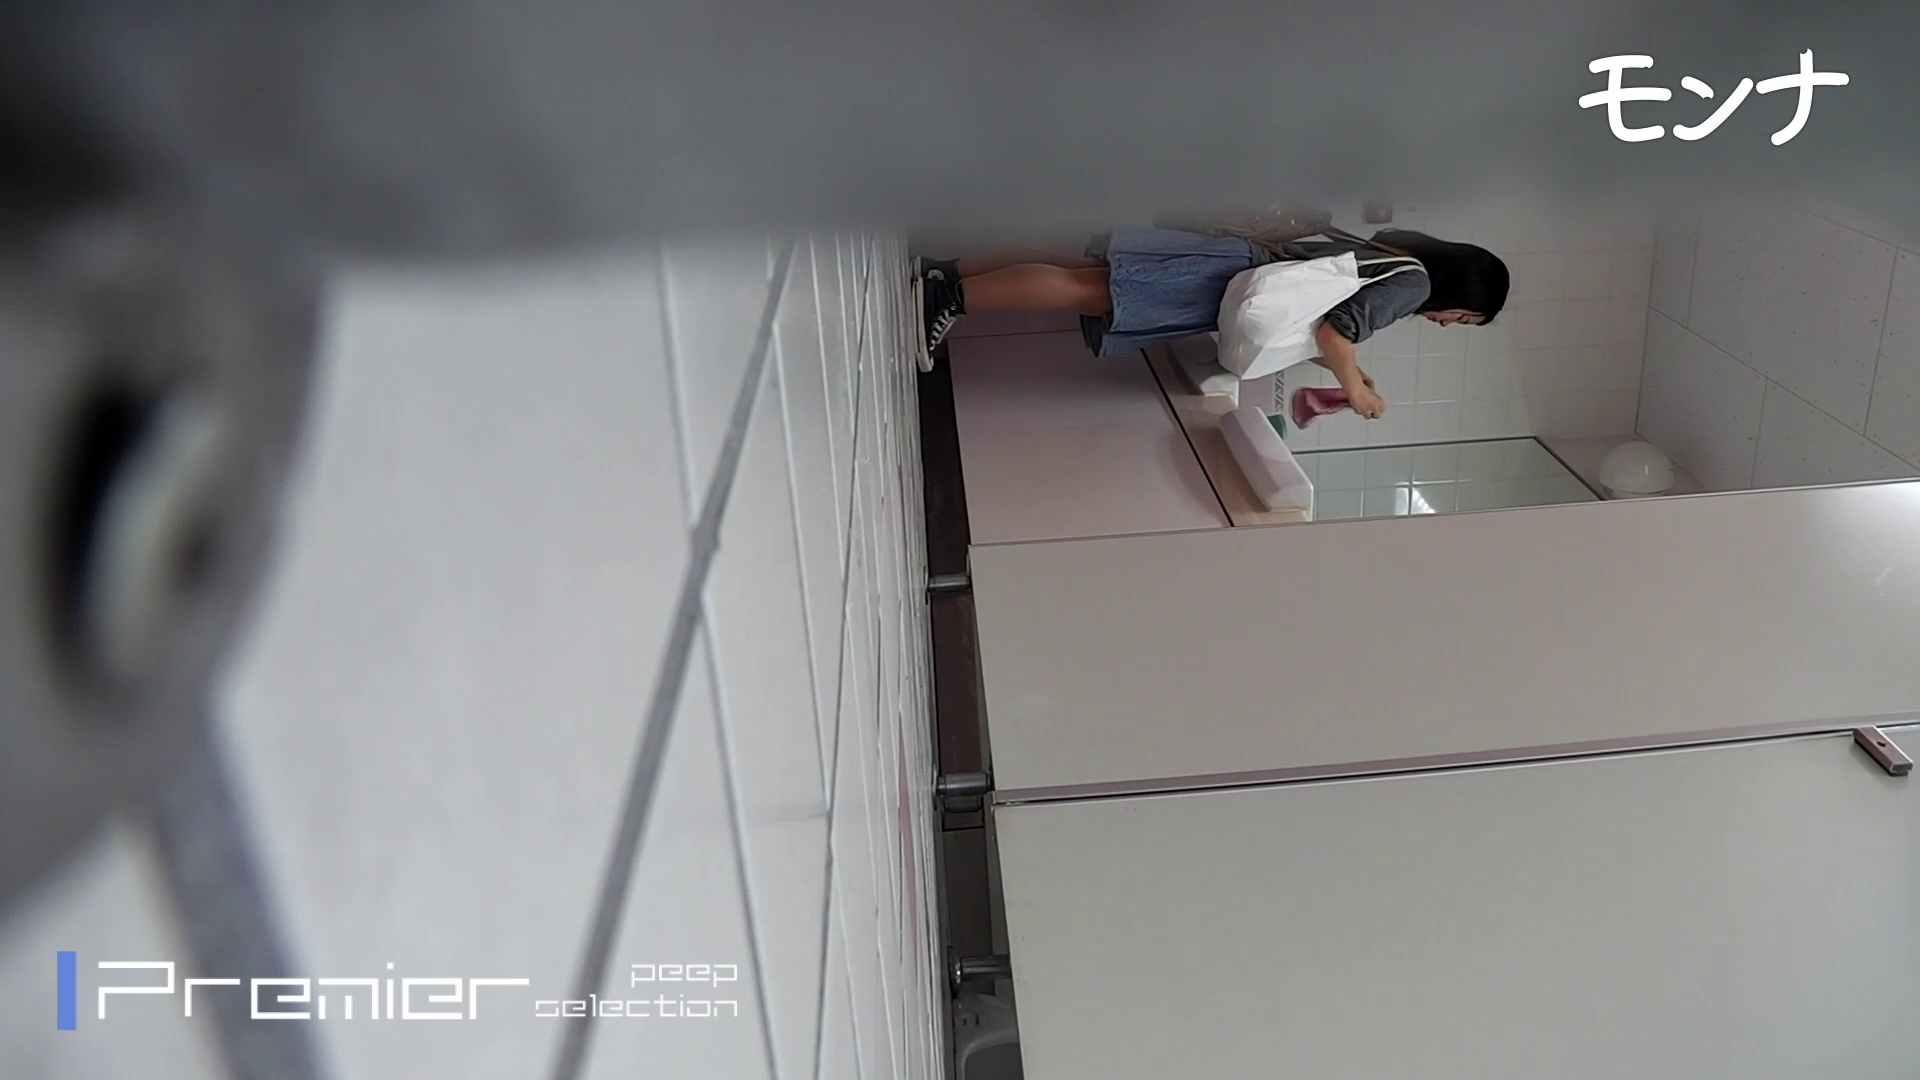 美しい日本の未来 No.84貴重なアンクル誕生 美肌 おめこ無修正動画無料 70画像 66